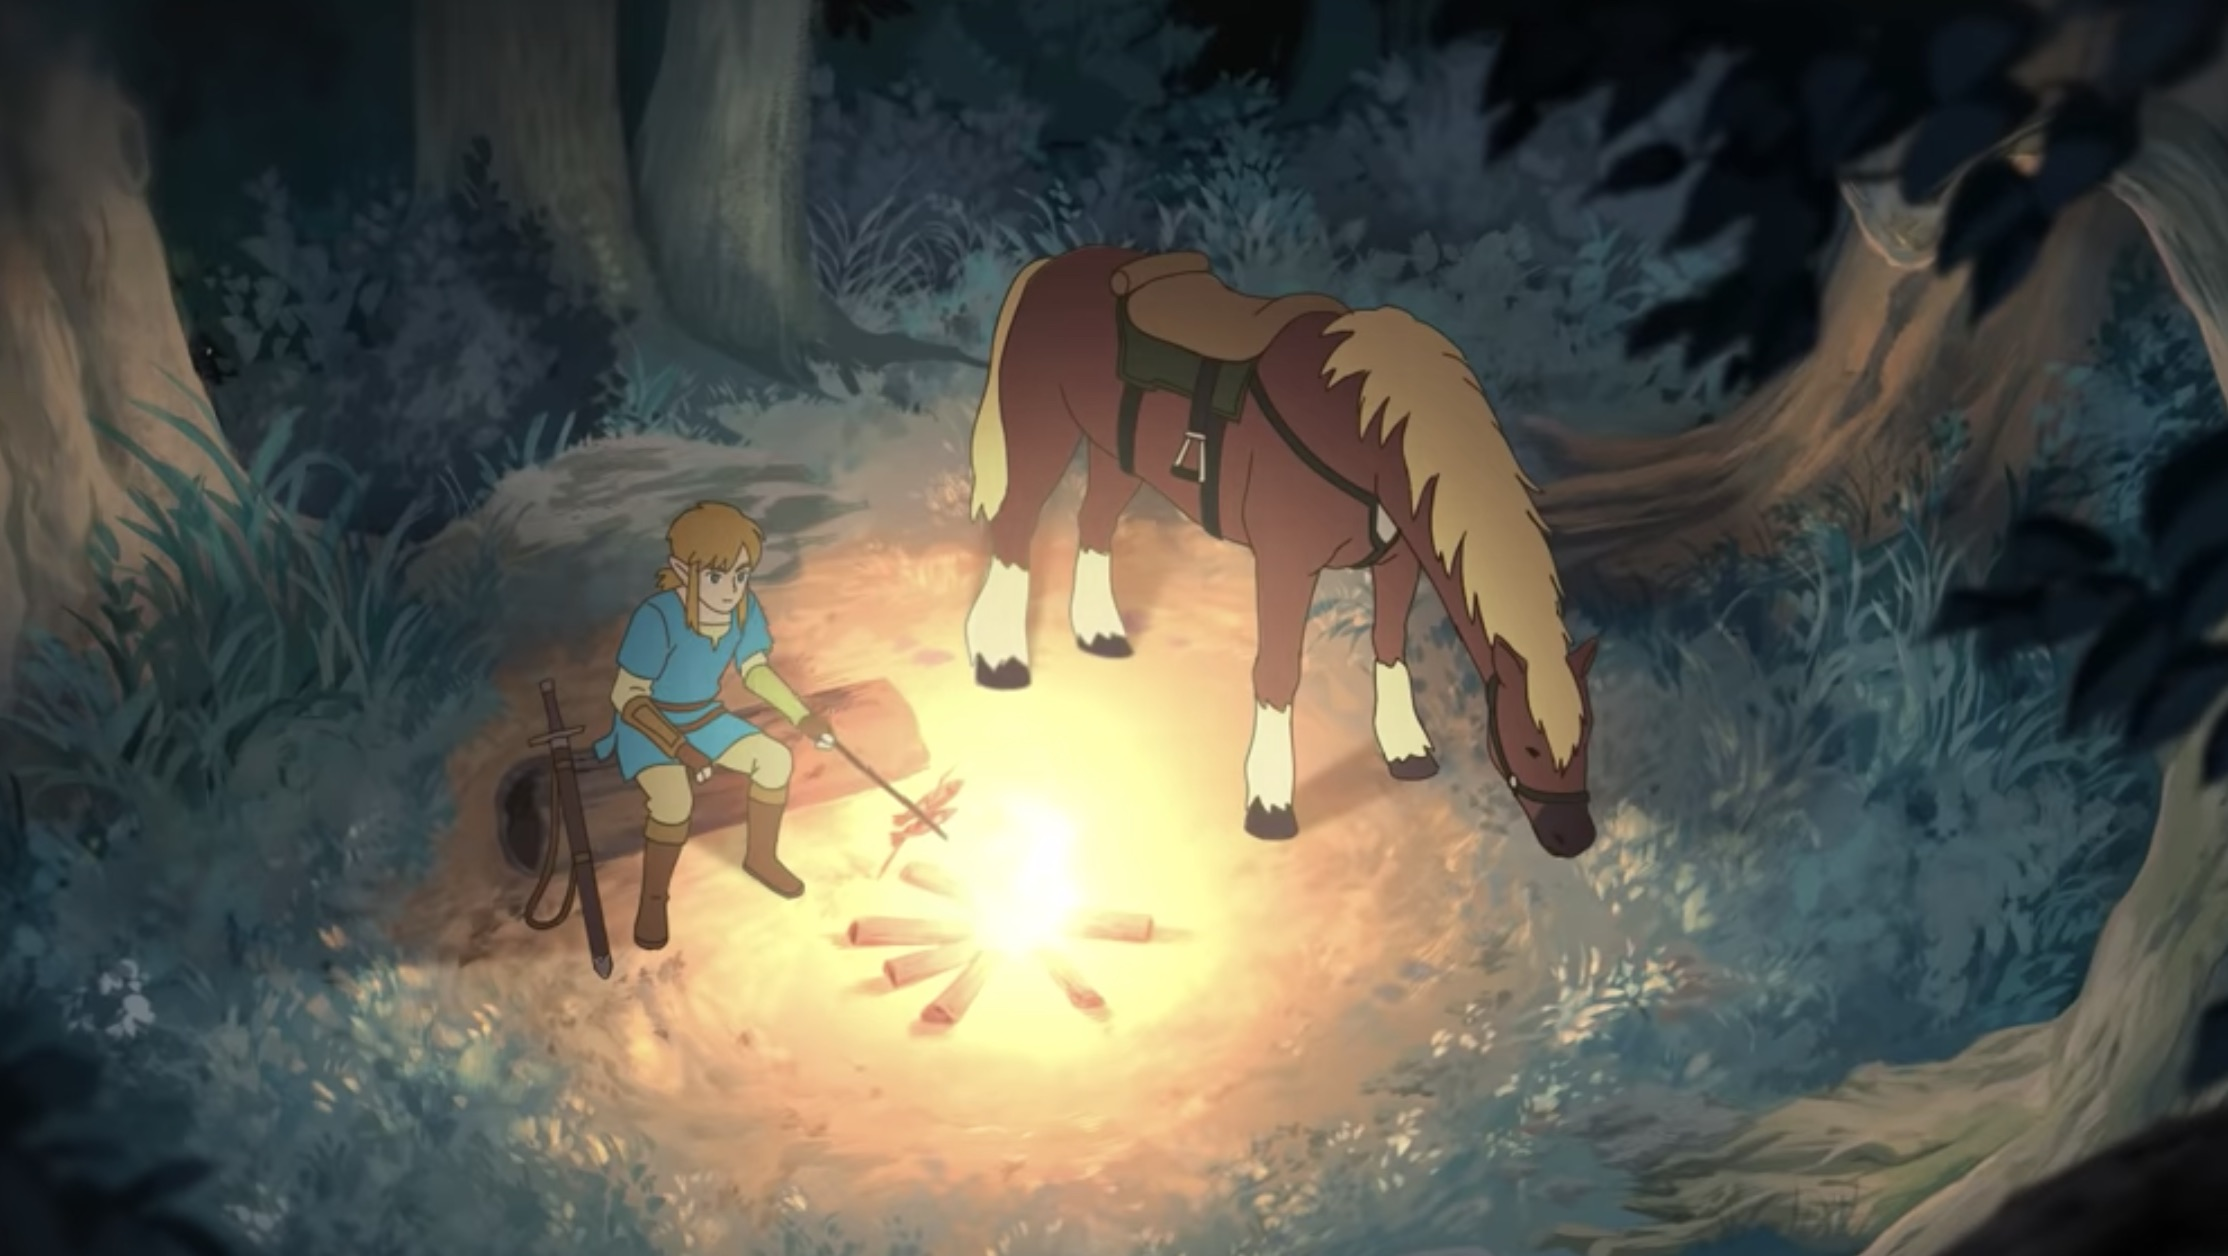 The Legend of Zelda incontra lo studio Ghibli in un meraviglioso trailer fan made